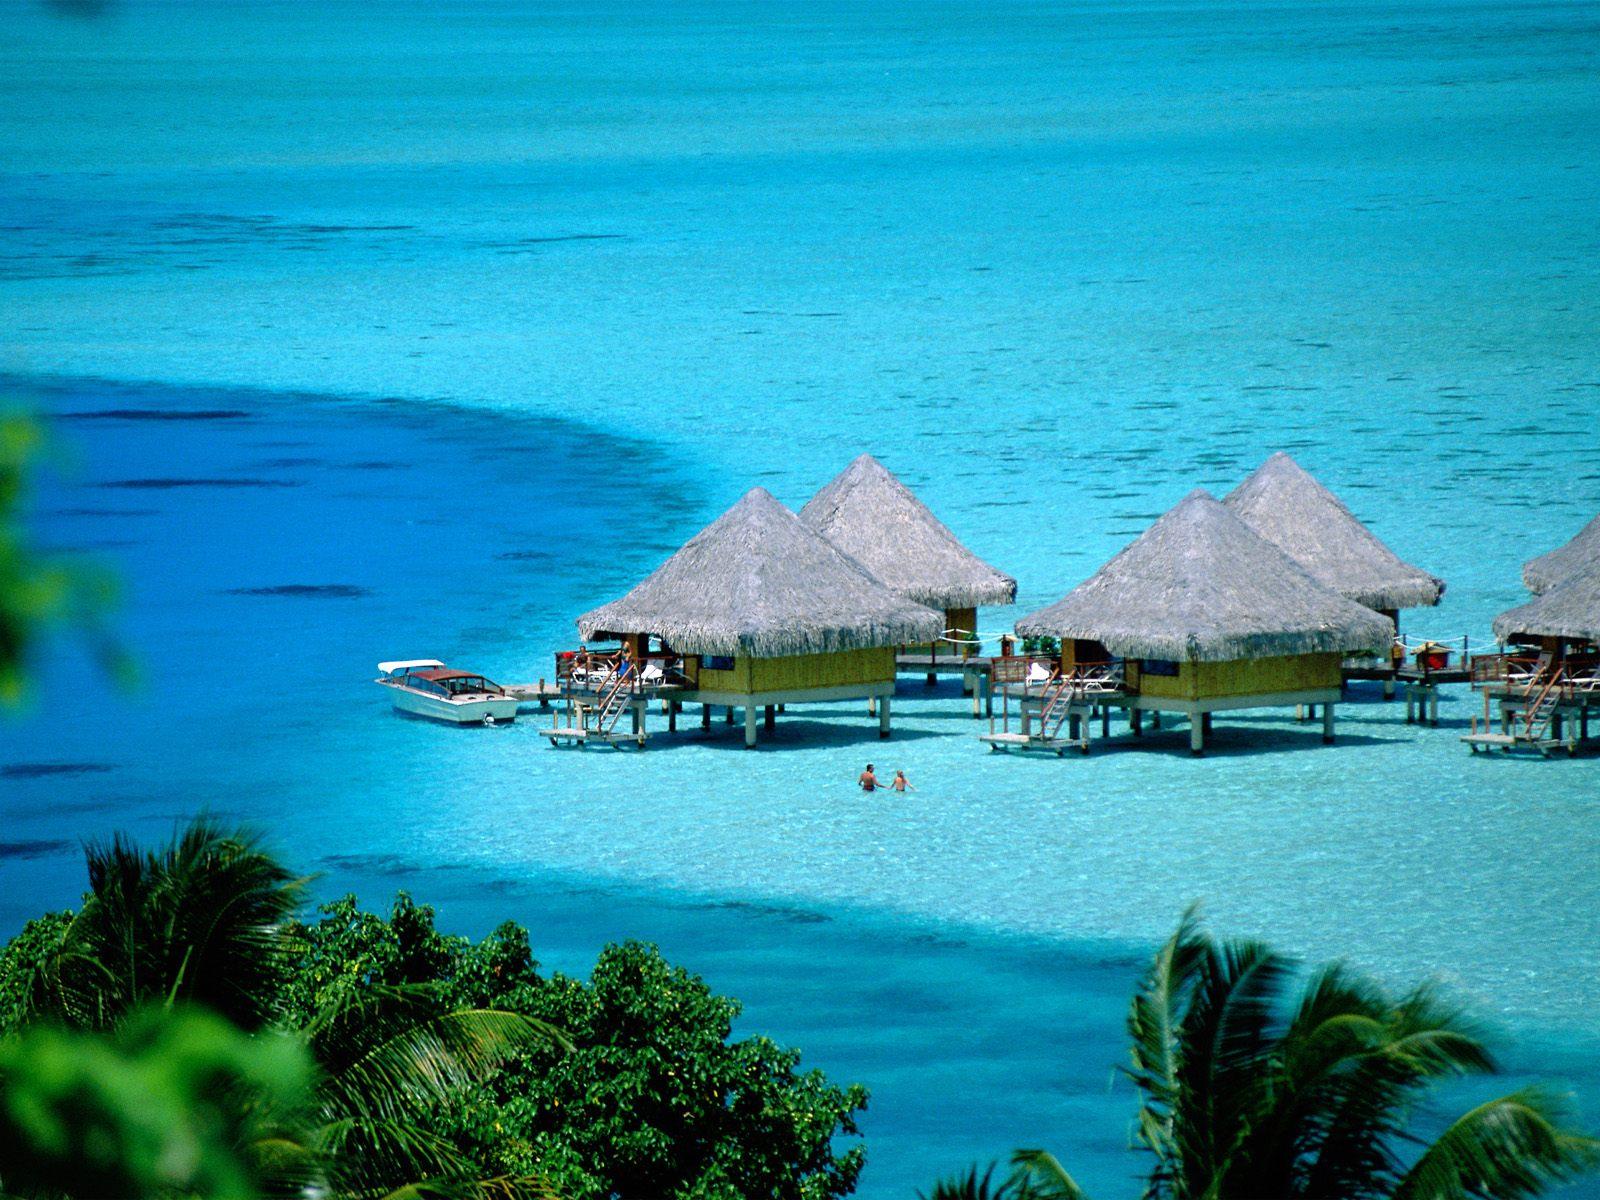 Versiculos De La Biblia De Animo: Fondos De Pantalla Playas Paradisiacas